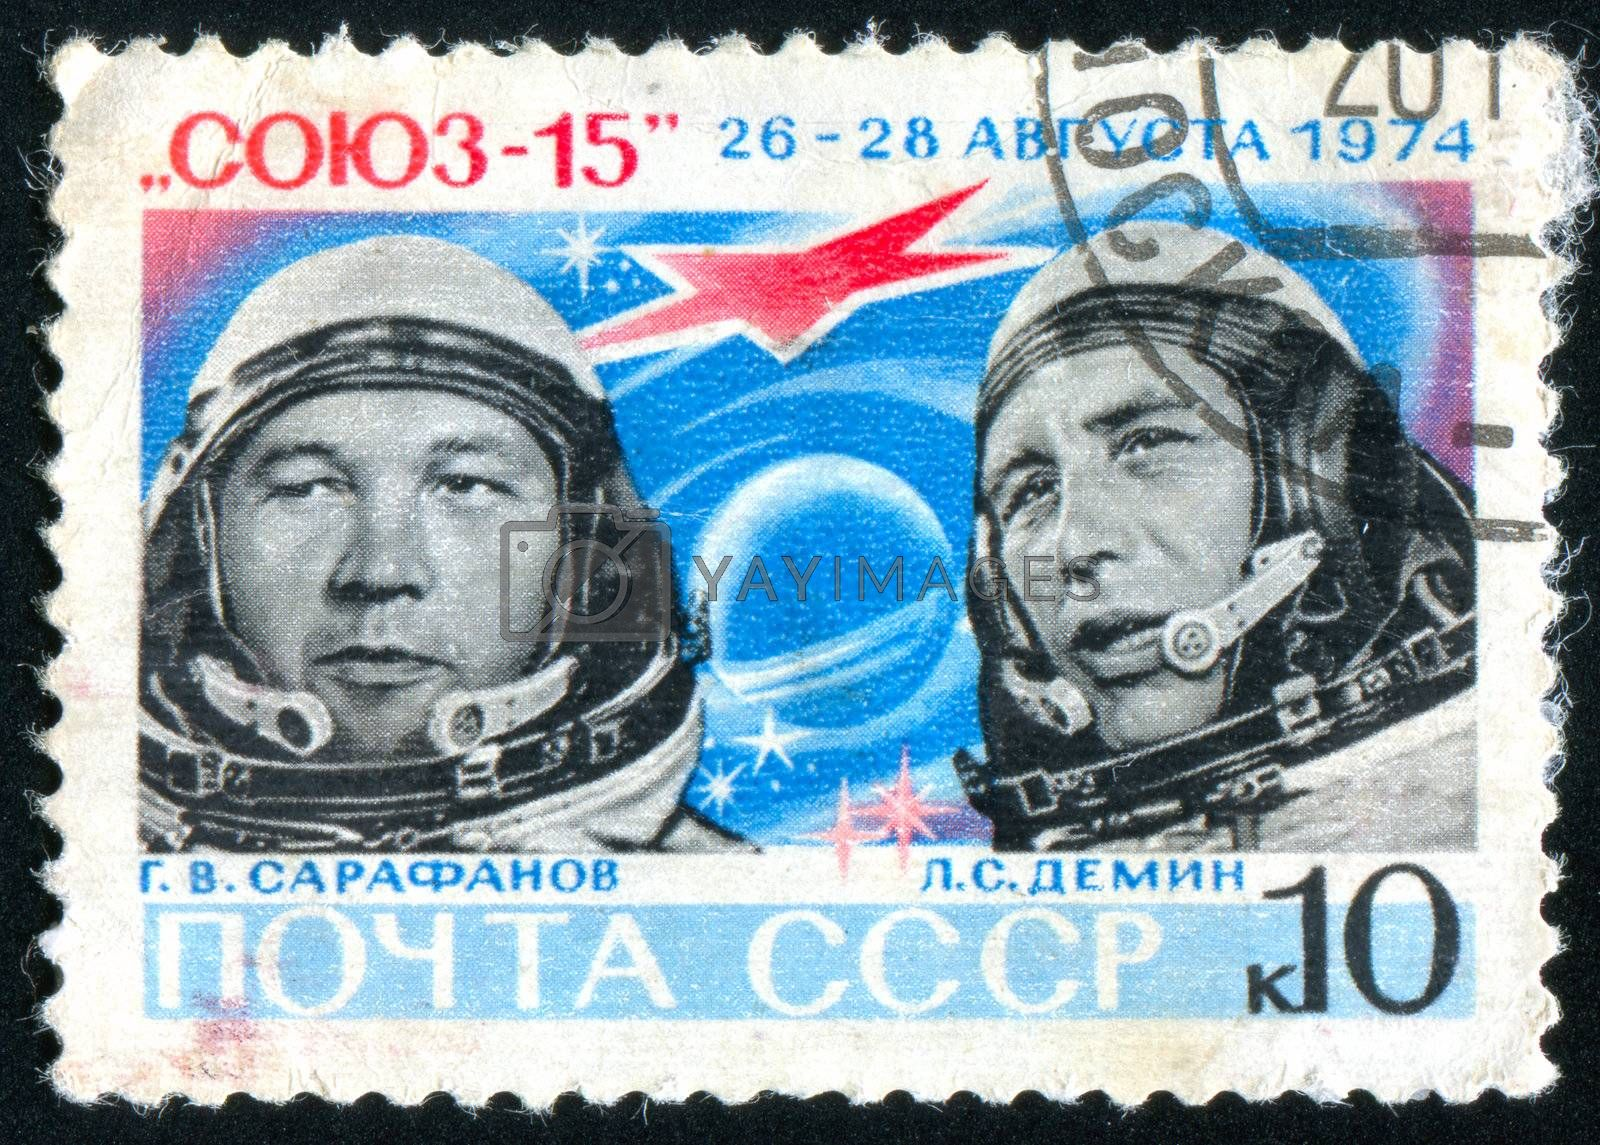 RUSSIA - CIRCA 1974: stamp printed by Russia, shows Cosmonauts G. V. Sarafanov and L. S. Demin, circa 1974.